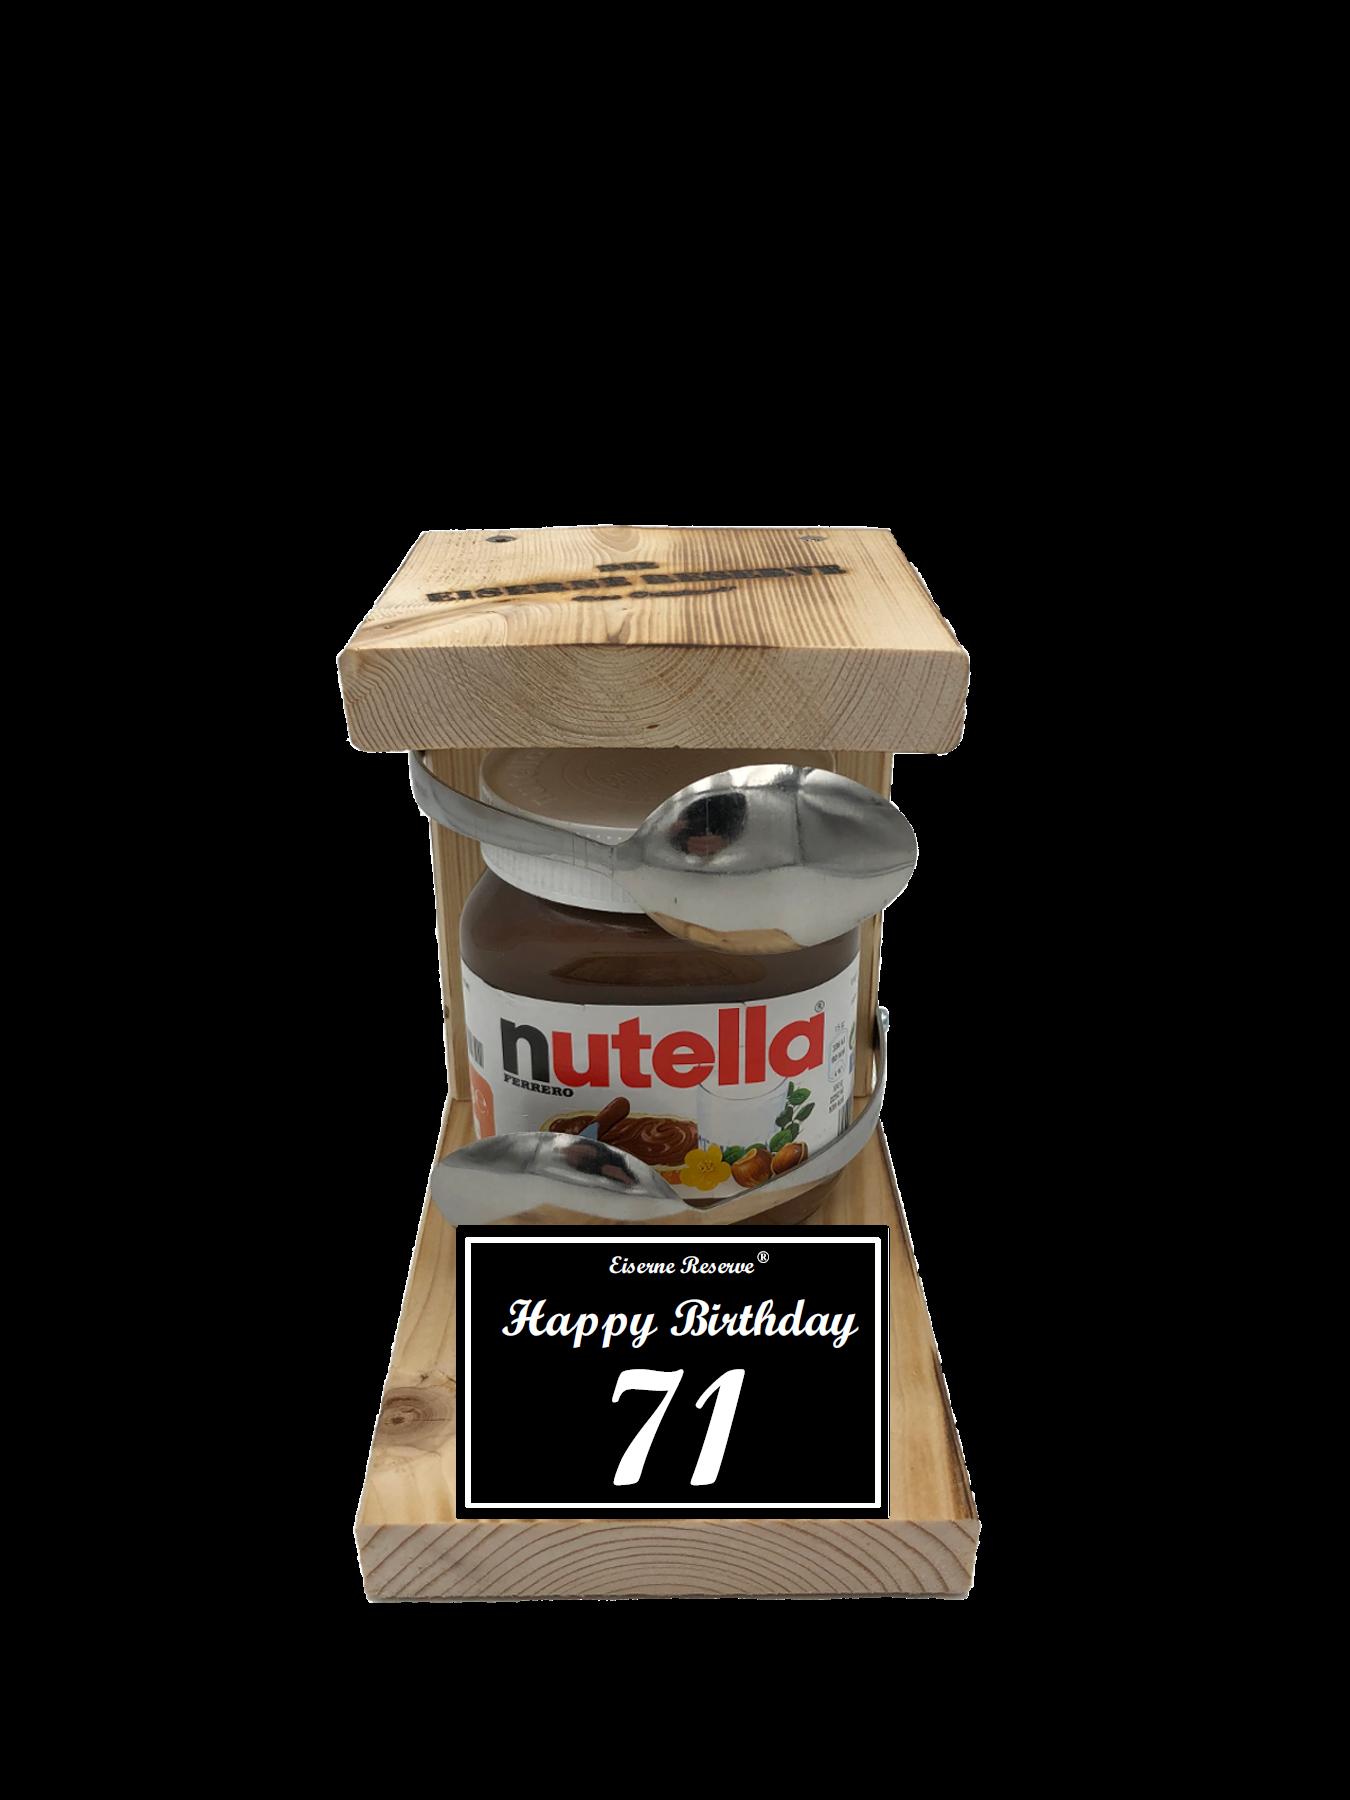 71 Happy Birthday Löffel Nutella Geschenk - Die Nutella Geschenkidee